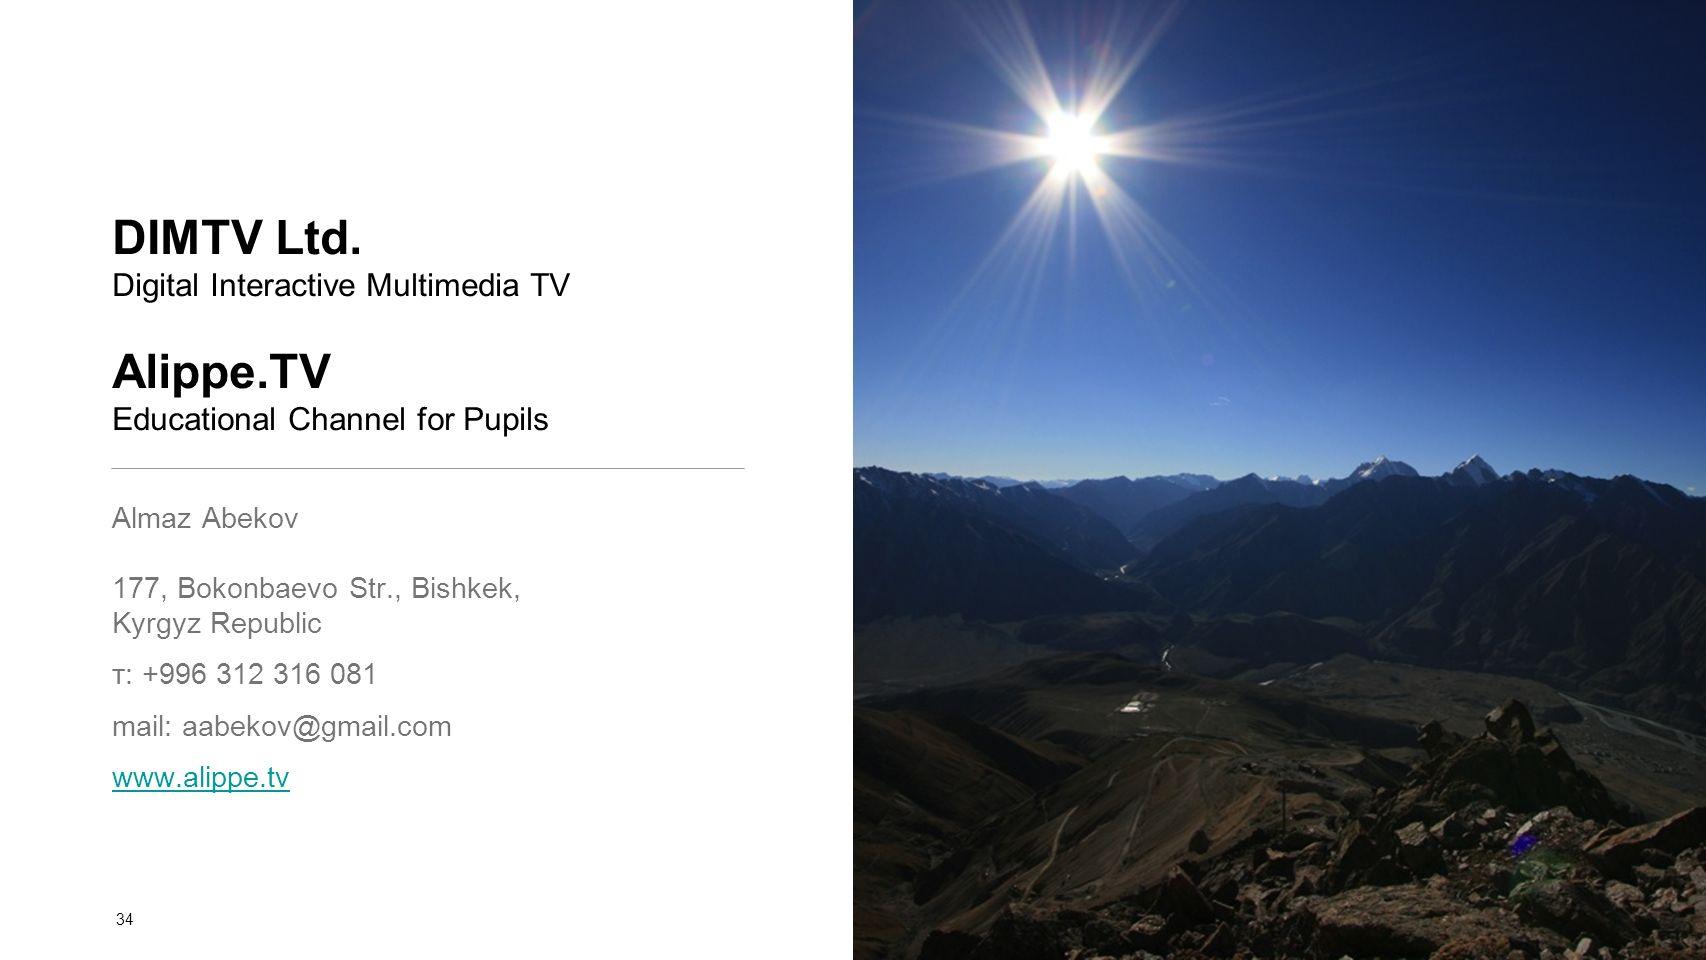 DIMTV Ltd. Digital Interactive Multimedia TV Alippe.TV Educational Channel for Pupils Almaz Abekov 177, Bokonbaevo Str., Bishkek, Kyrgyz Republic т: +